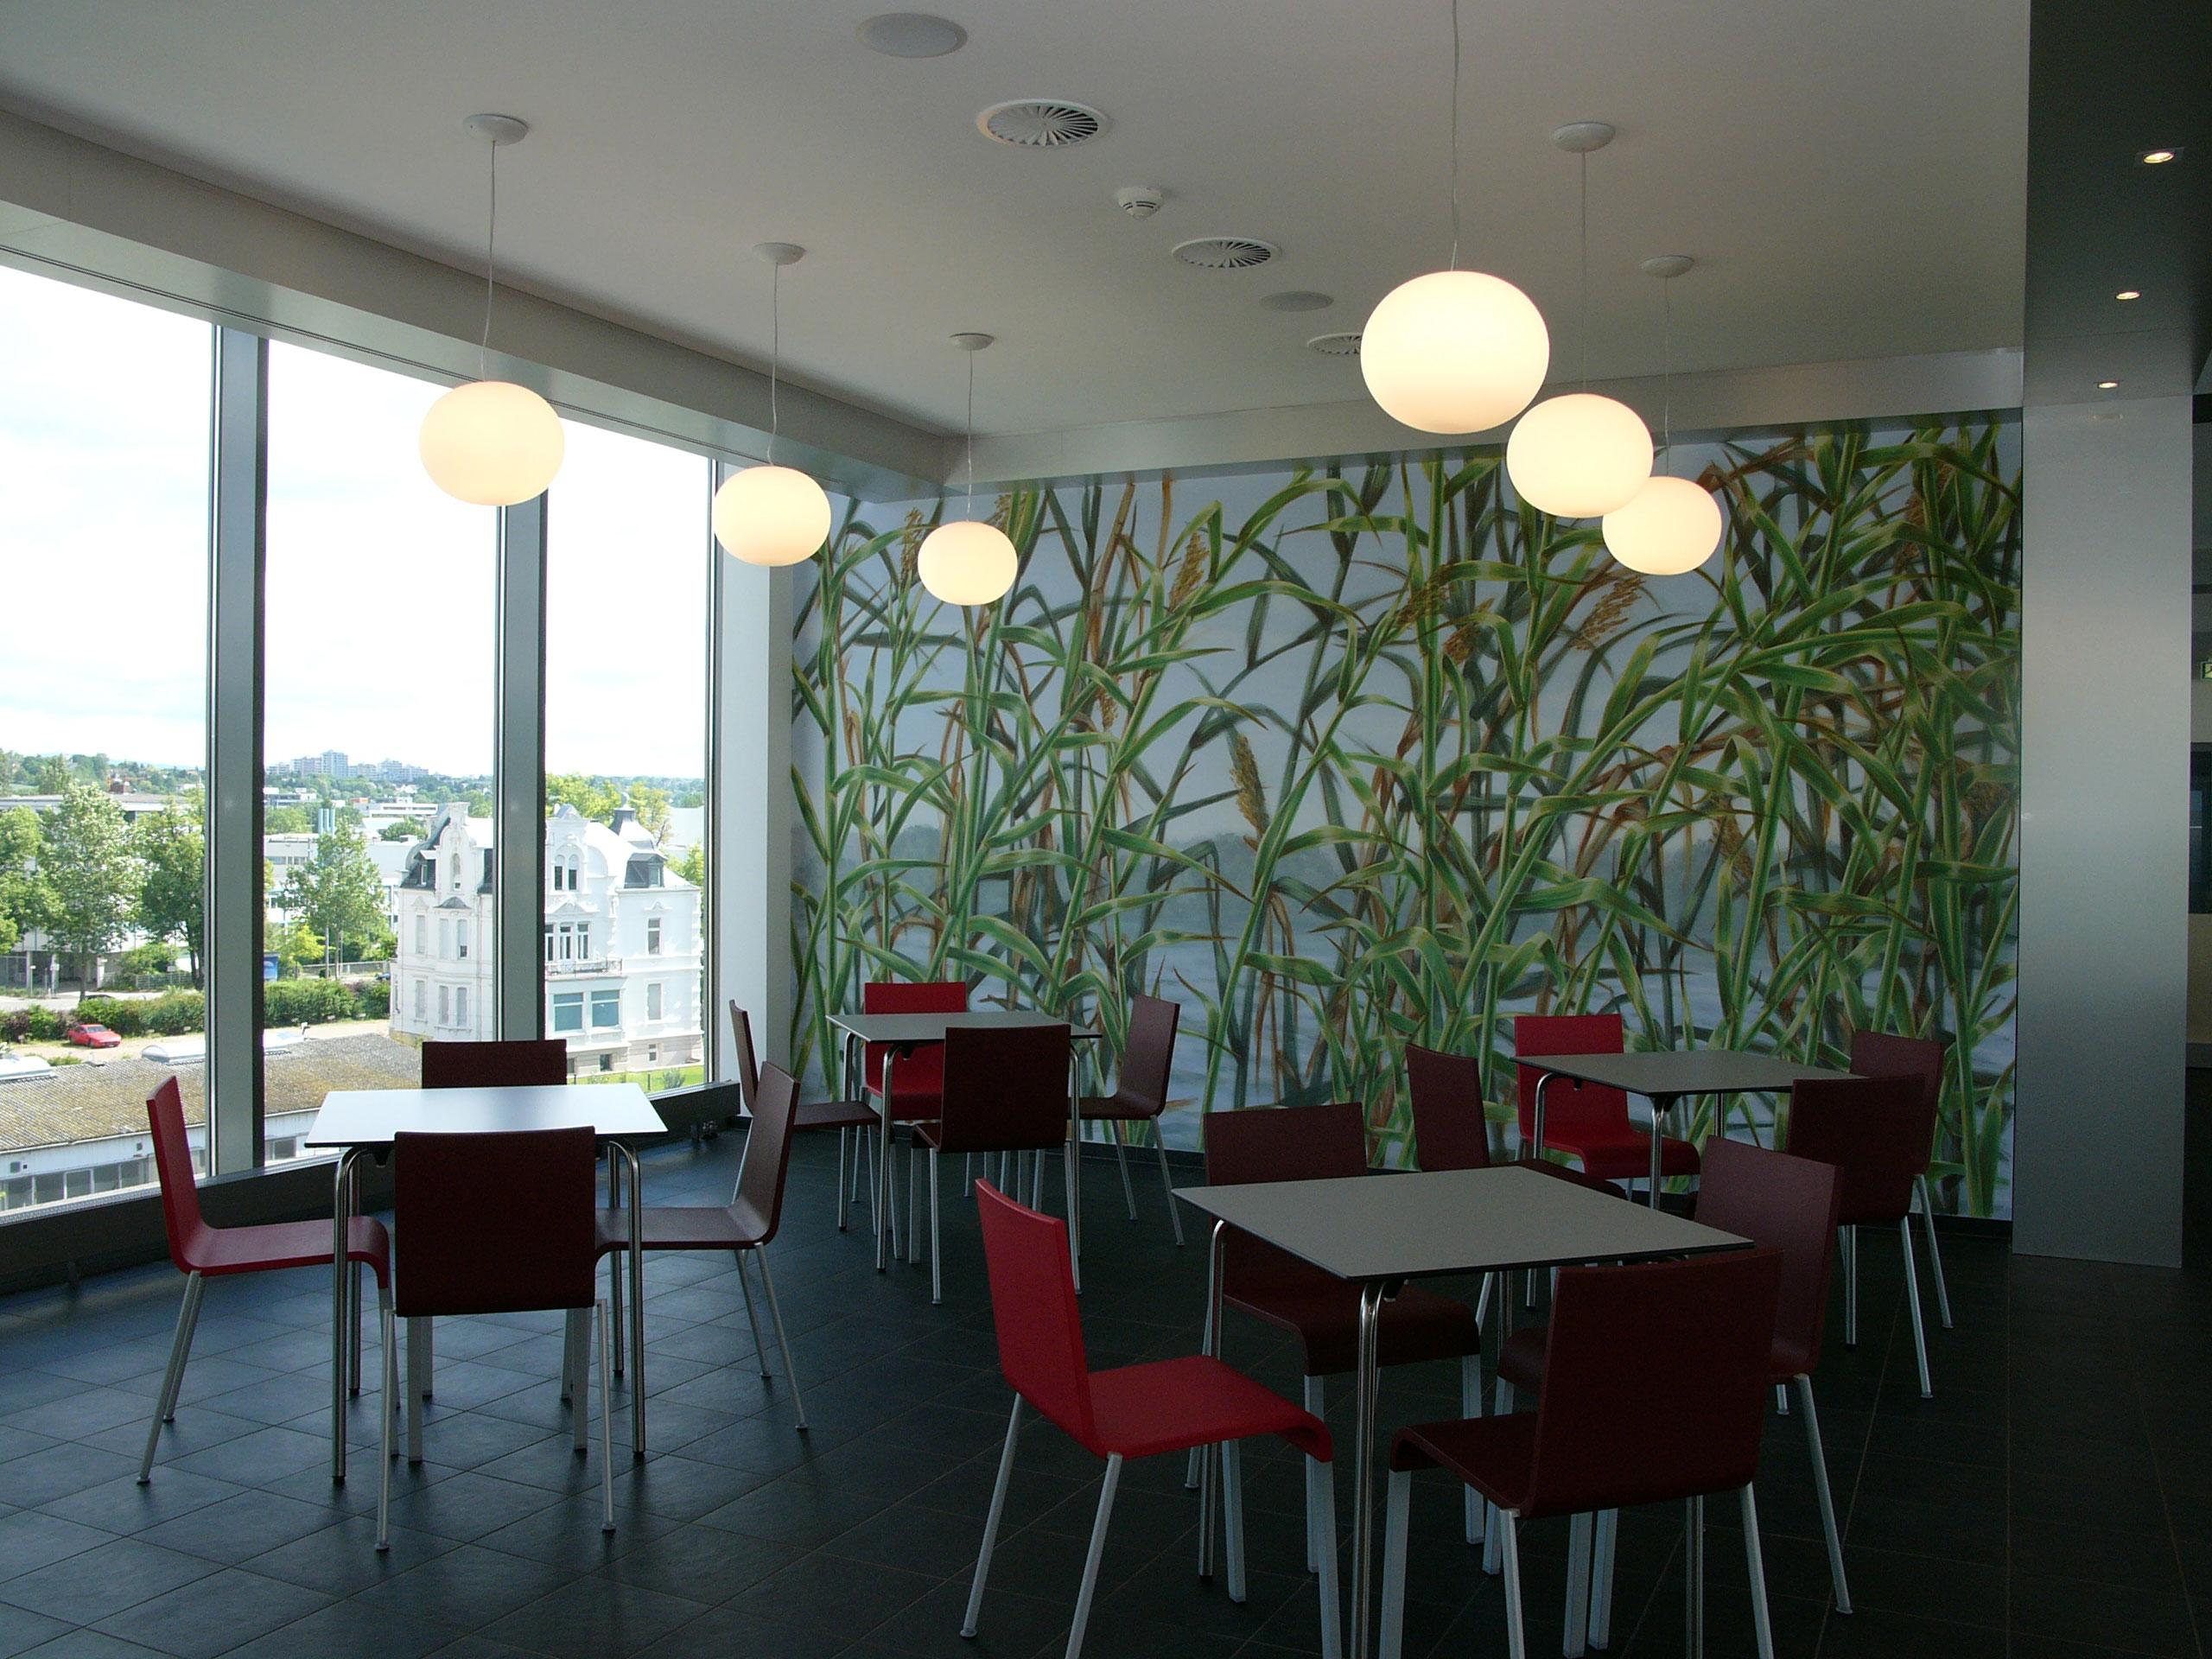 Erstaunlich Innenarchitekt Wiesbaden Dekoration Von Schufa Holding Ag, Wiesbaden, Germany. Innenarchitekt: Büro